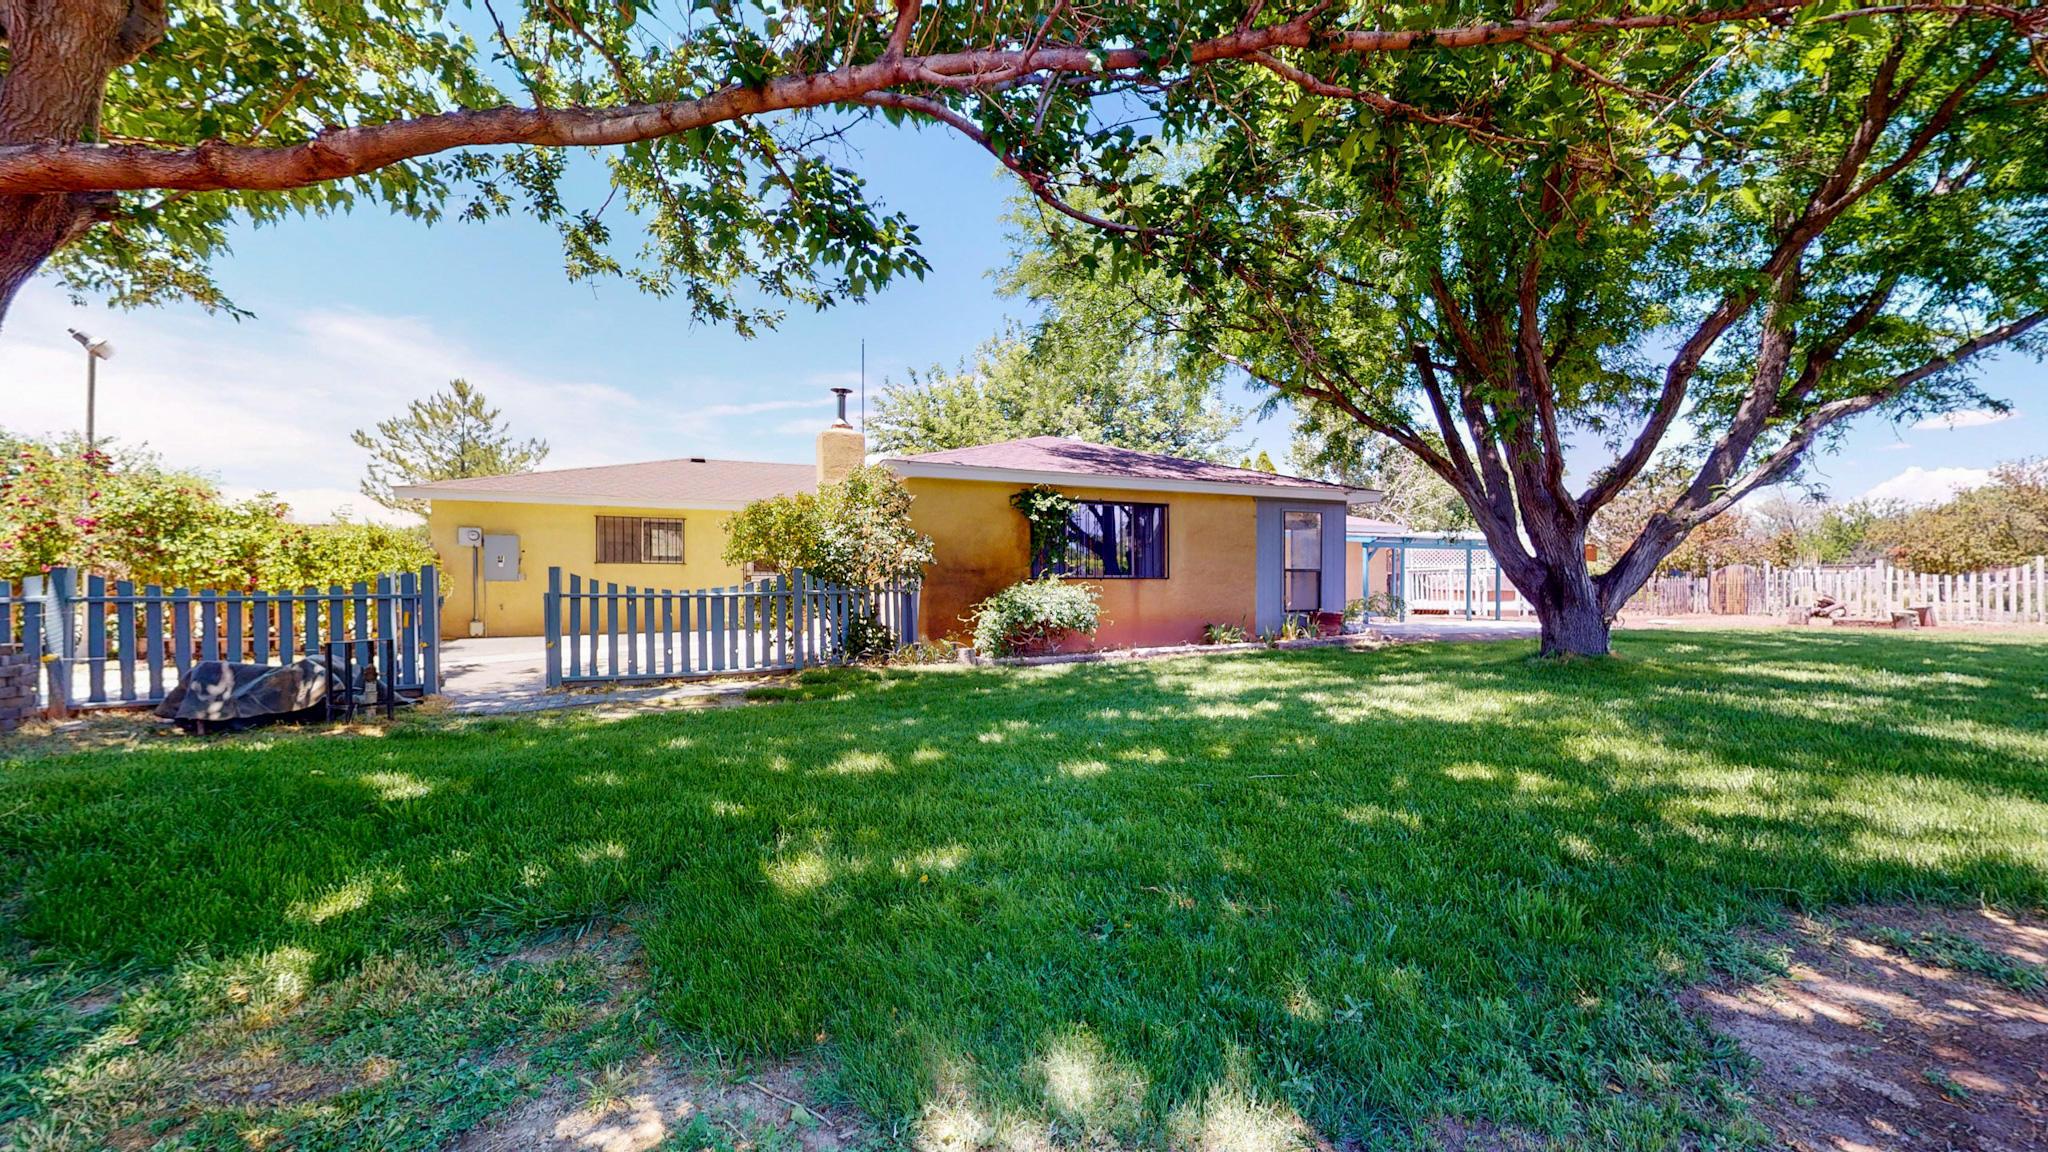 12 N PARK Lane, Peralta, NM 87042 - Peralta, NM real estate listing